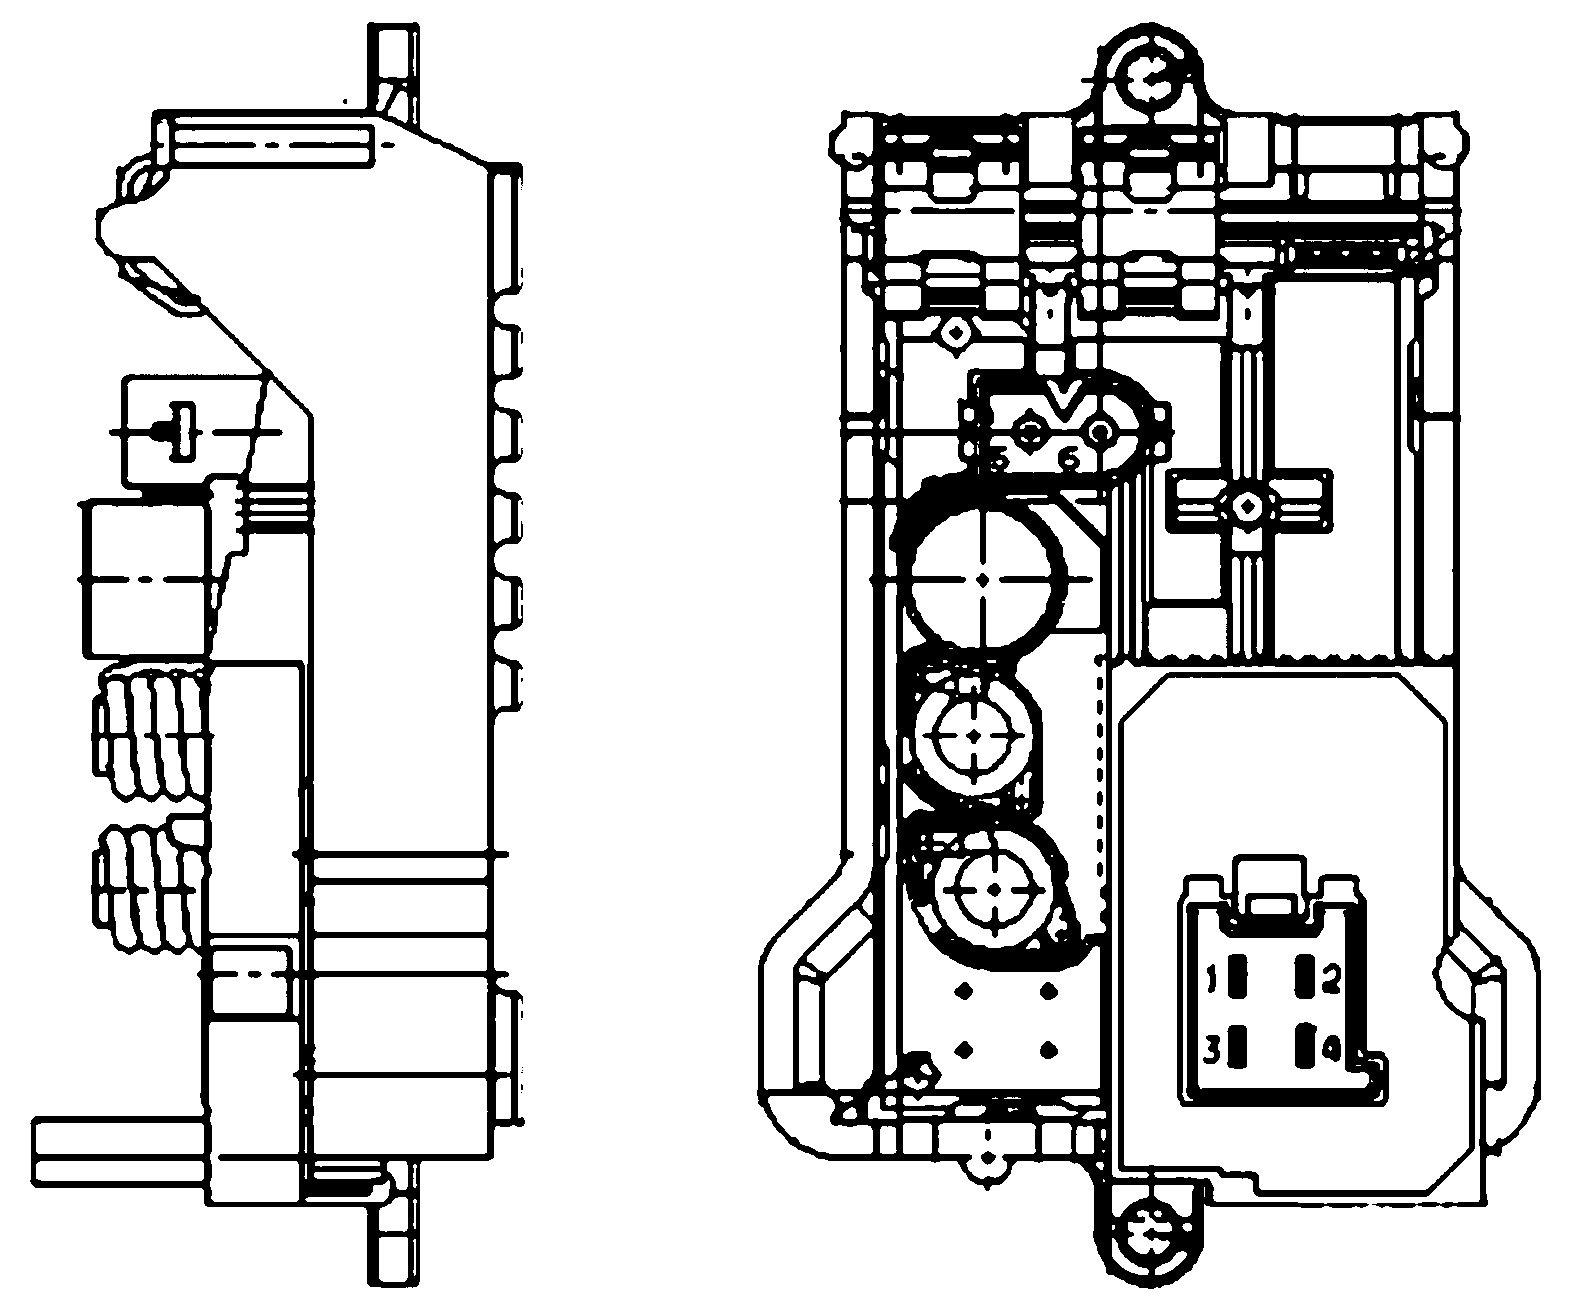 Behr Hella Service 351321141 Premium HVAC Blower Regulator Mercedes Benz Applications by Behr Hella Service